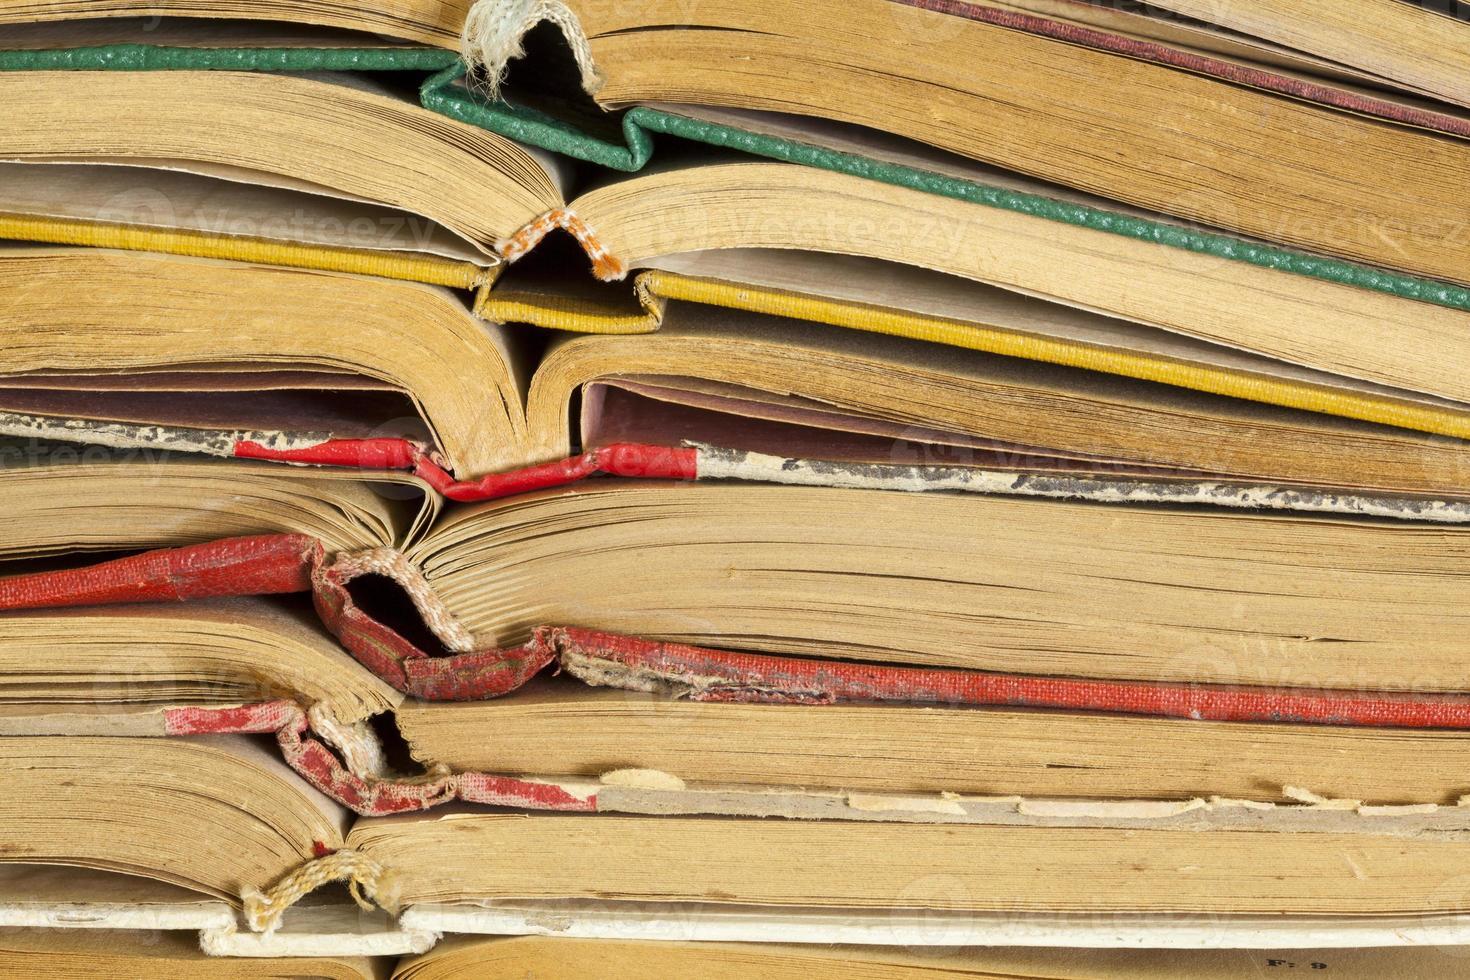 viejos libros de tapa dura foto